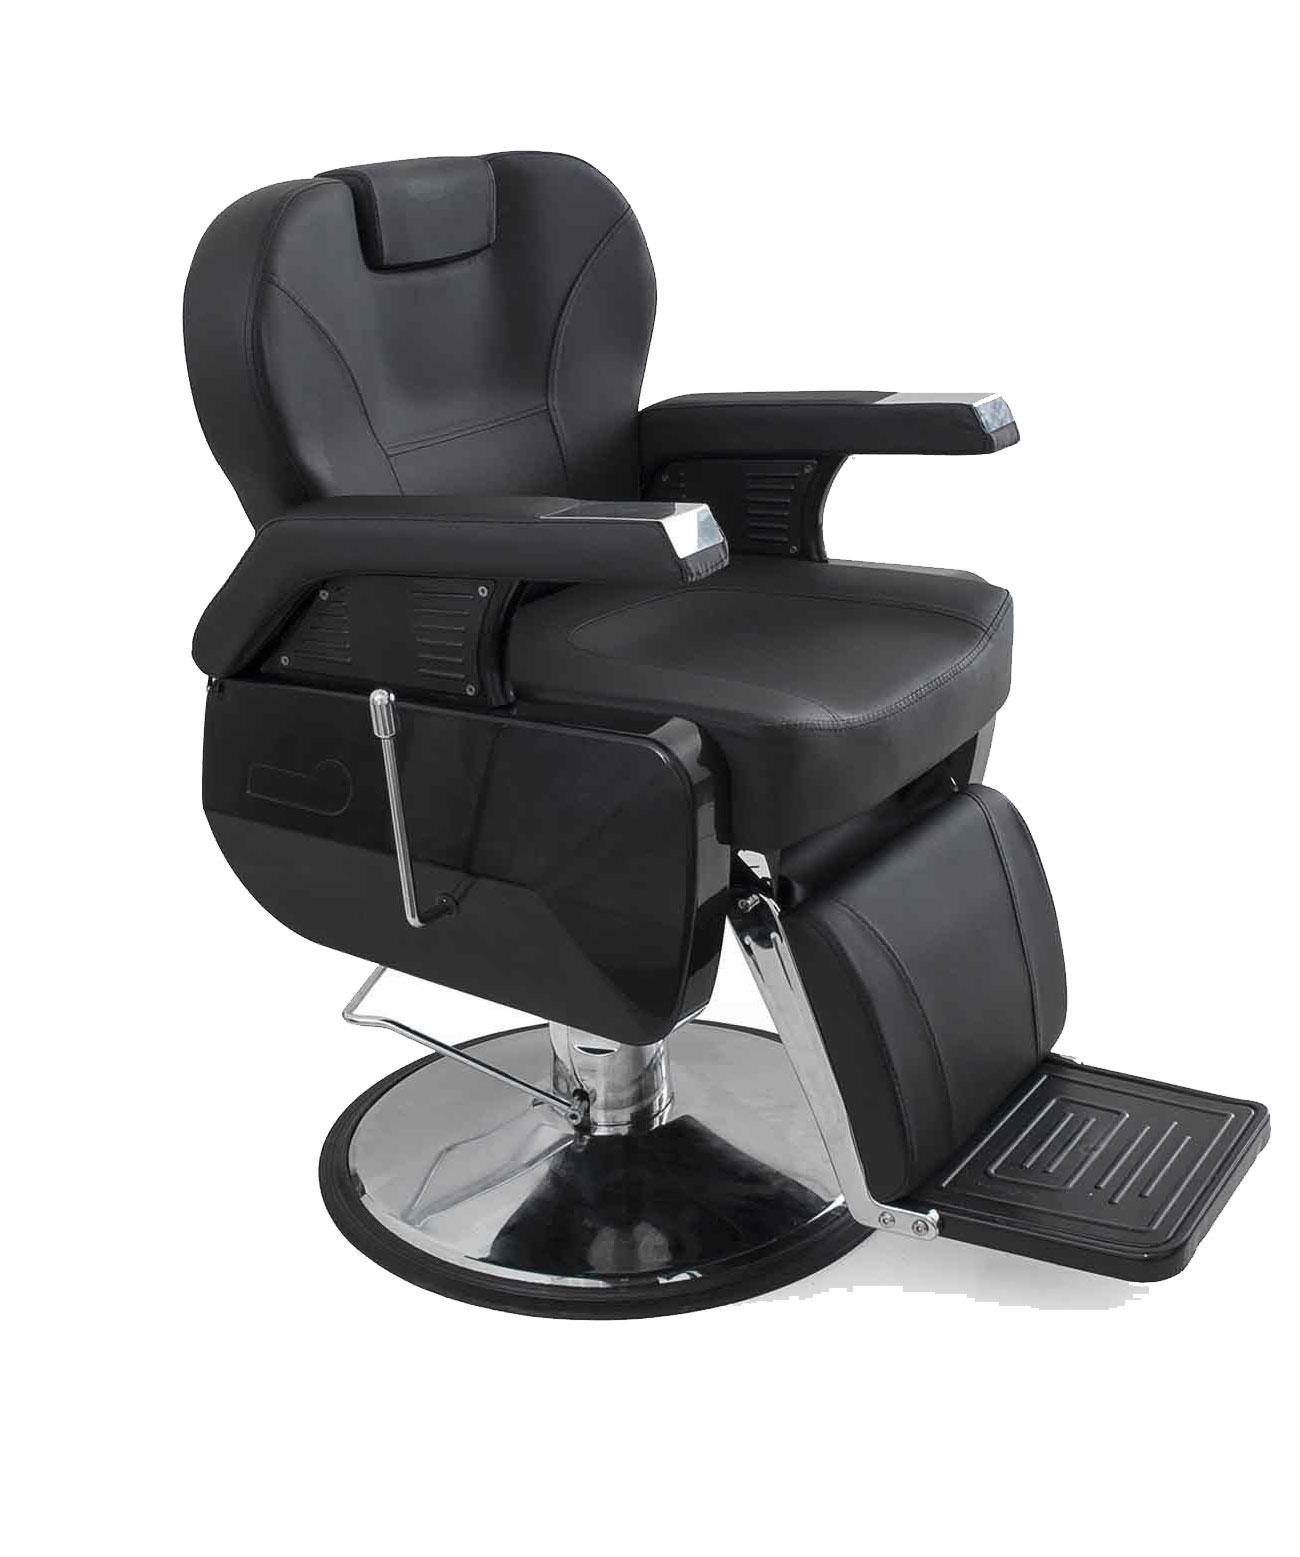 Silla sillon hidraulica reclinable estetica salon barberia for Sillas para estetica